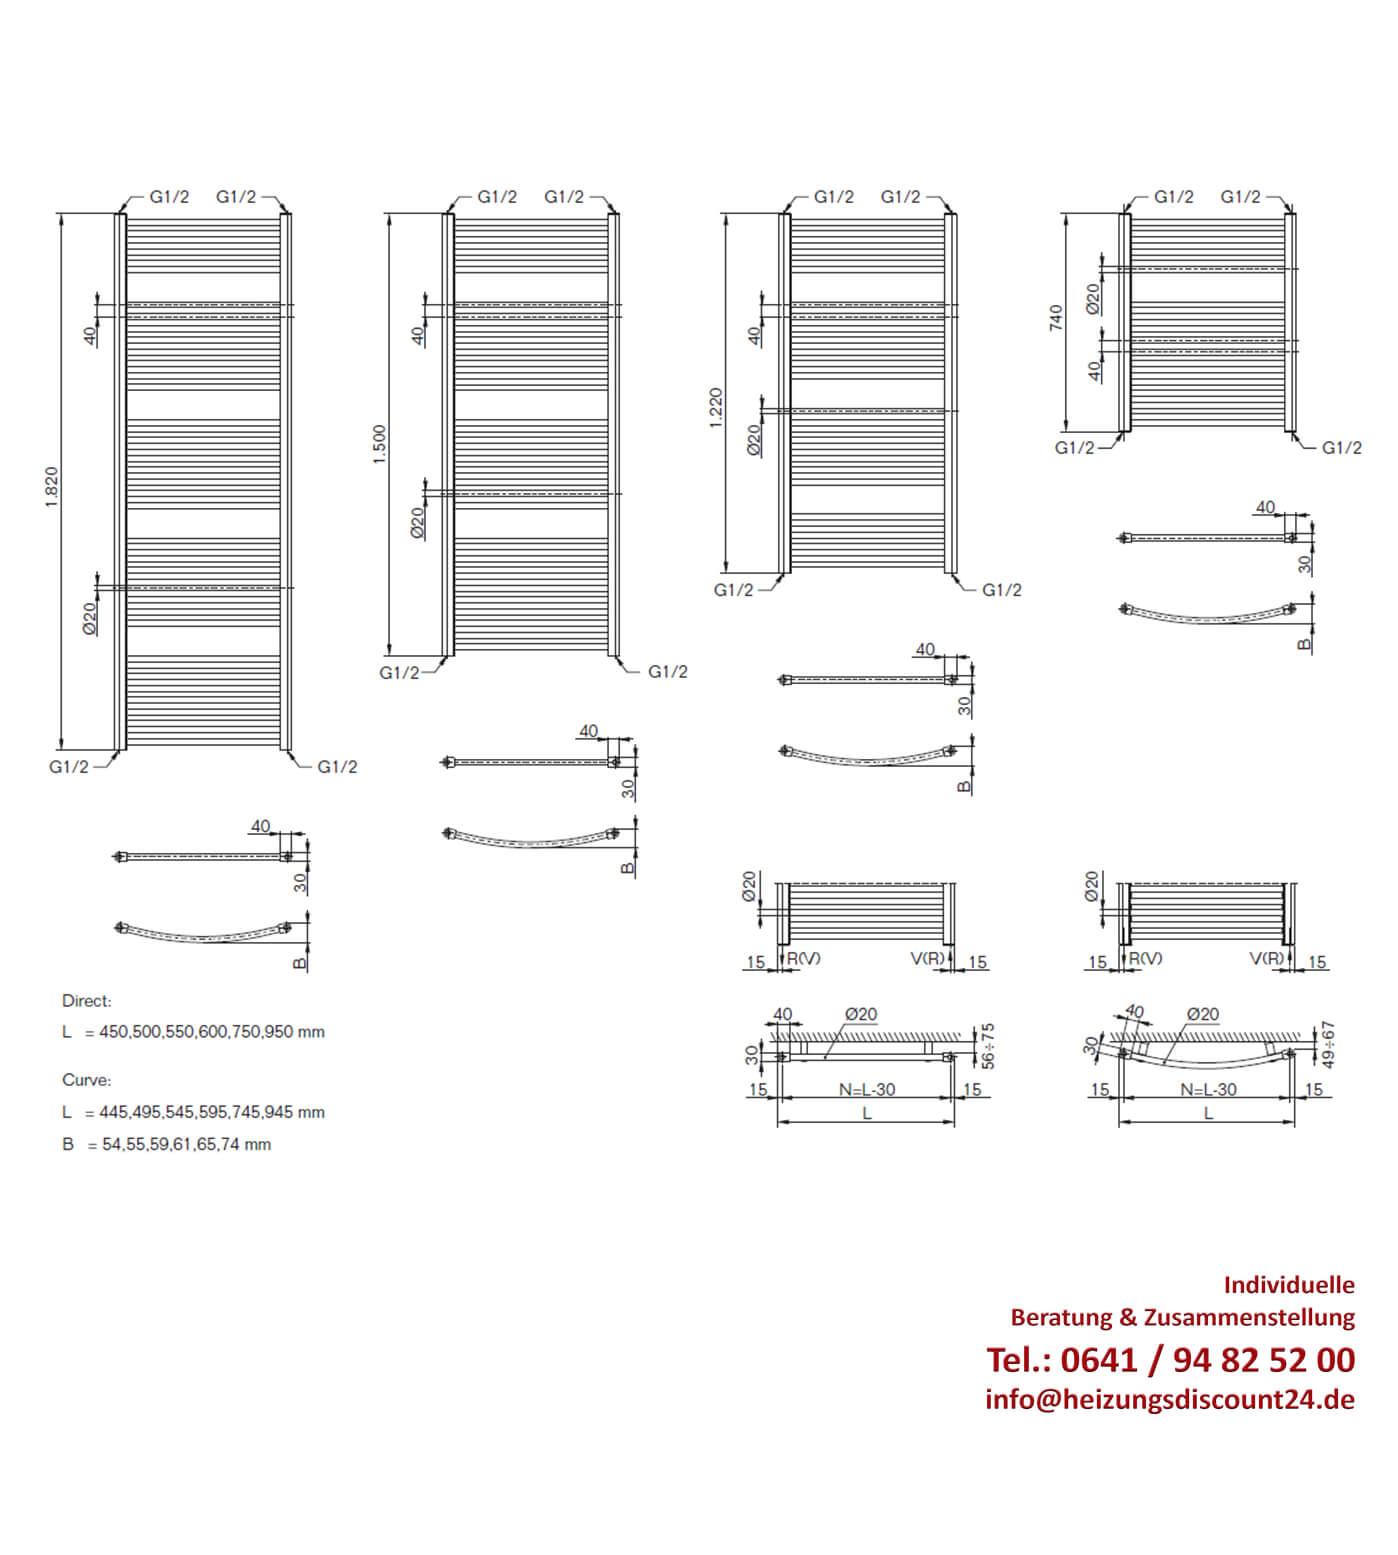 buderus therm direct badheizk rper mit seitenanschlu 1500x450 mm h x l heizk rper heizung. Black Bedroom Furniture Sets. Home Design Ideas